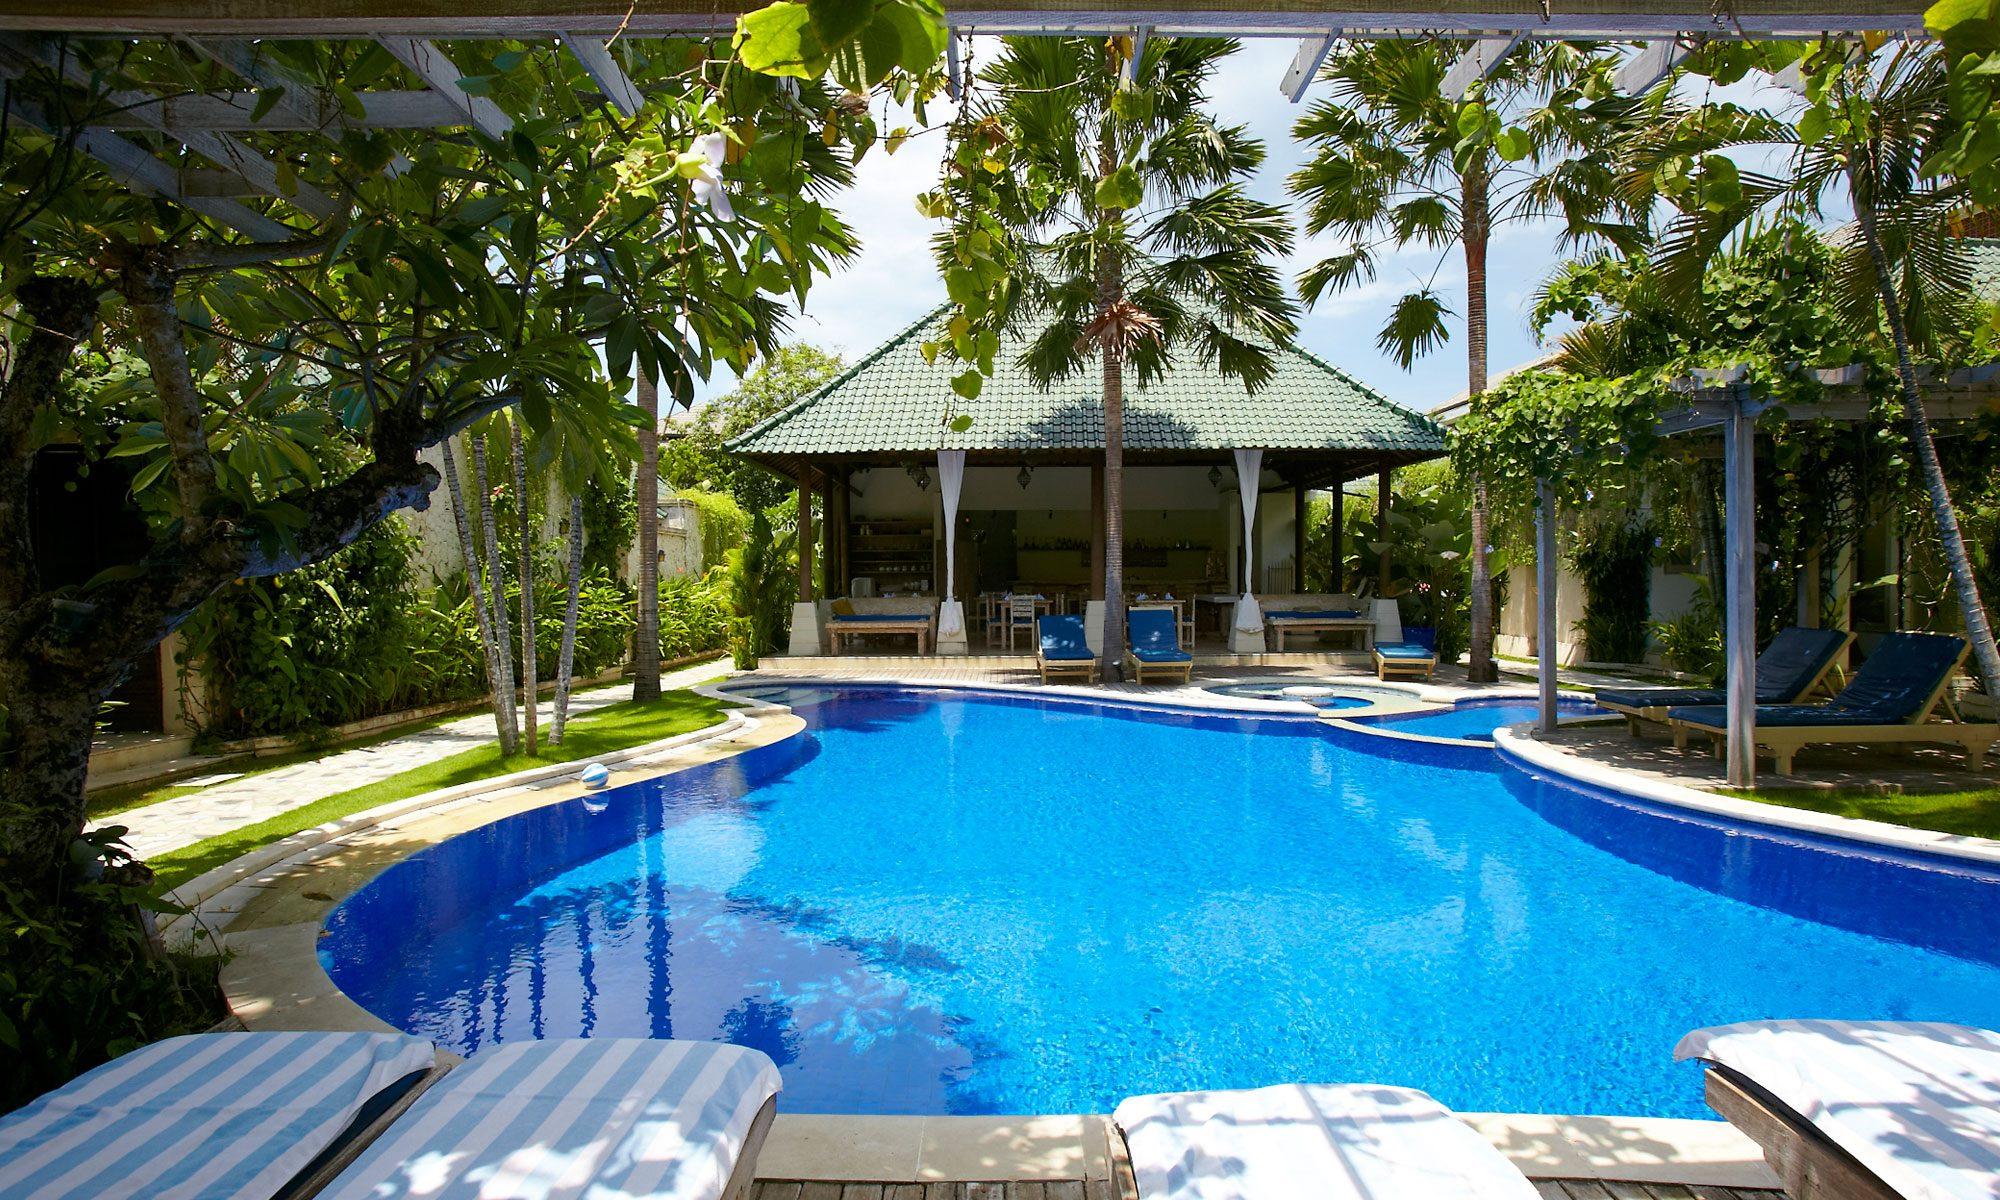 Bali Artemis Villa & Hotel Official